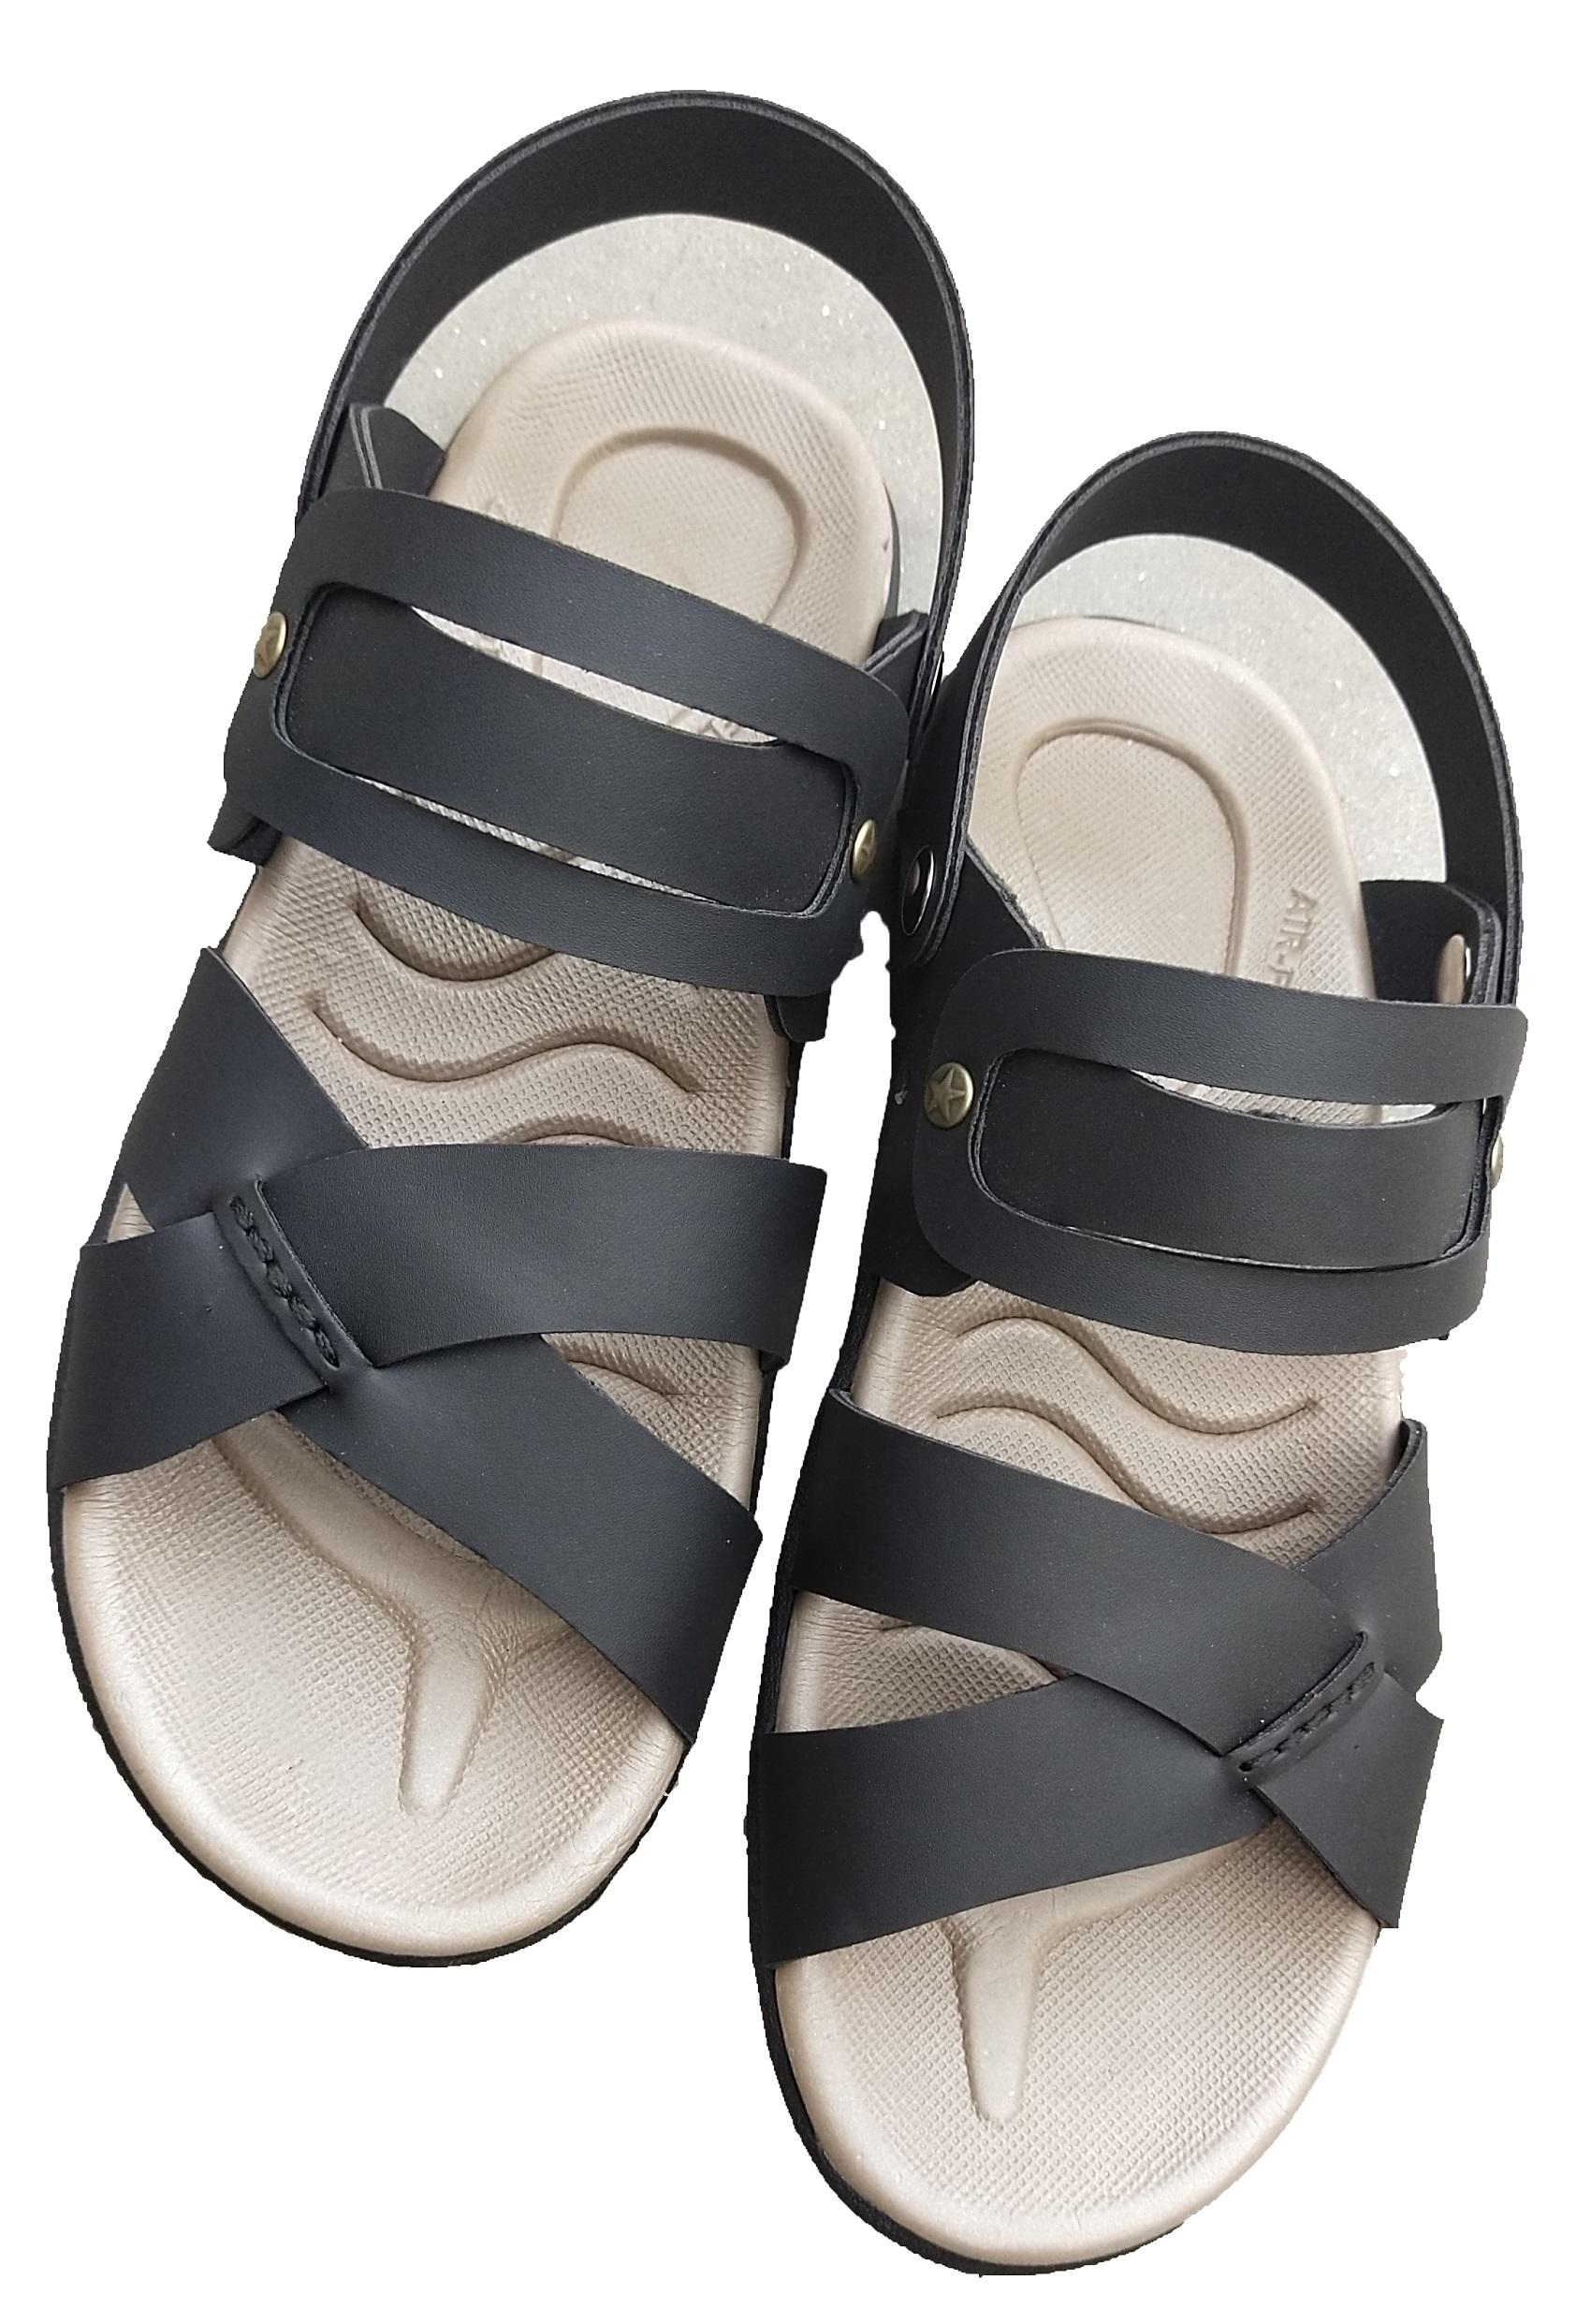 Easy Light Weight Sandals for Men V.S